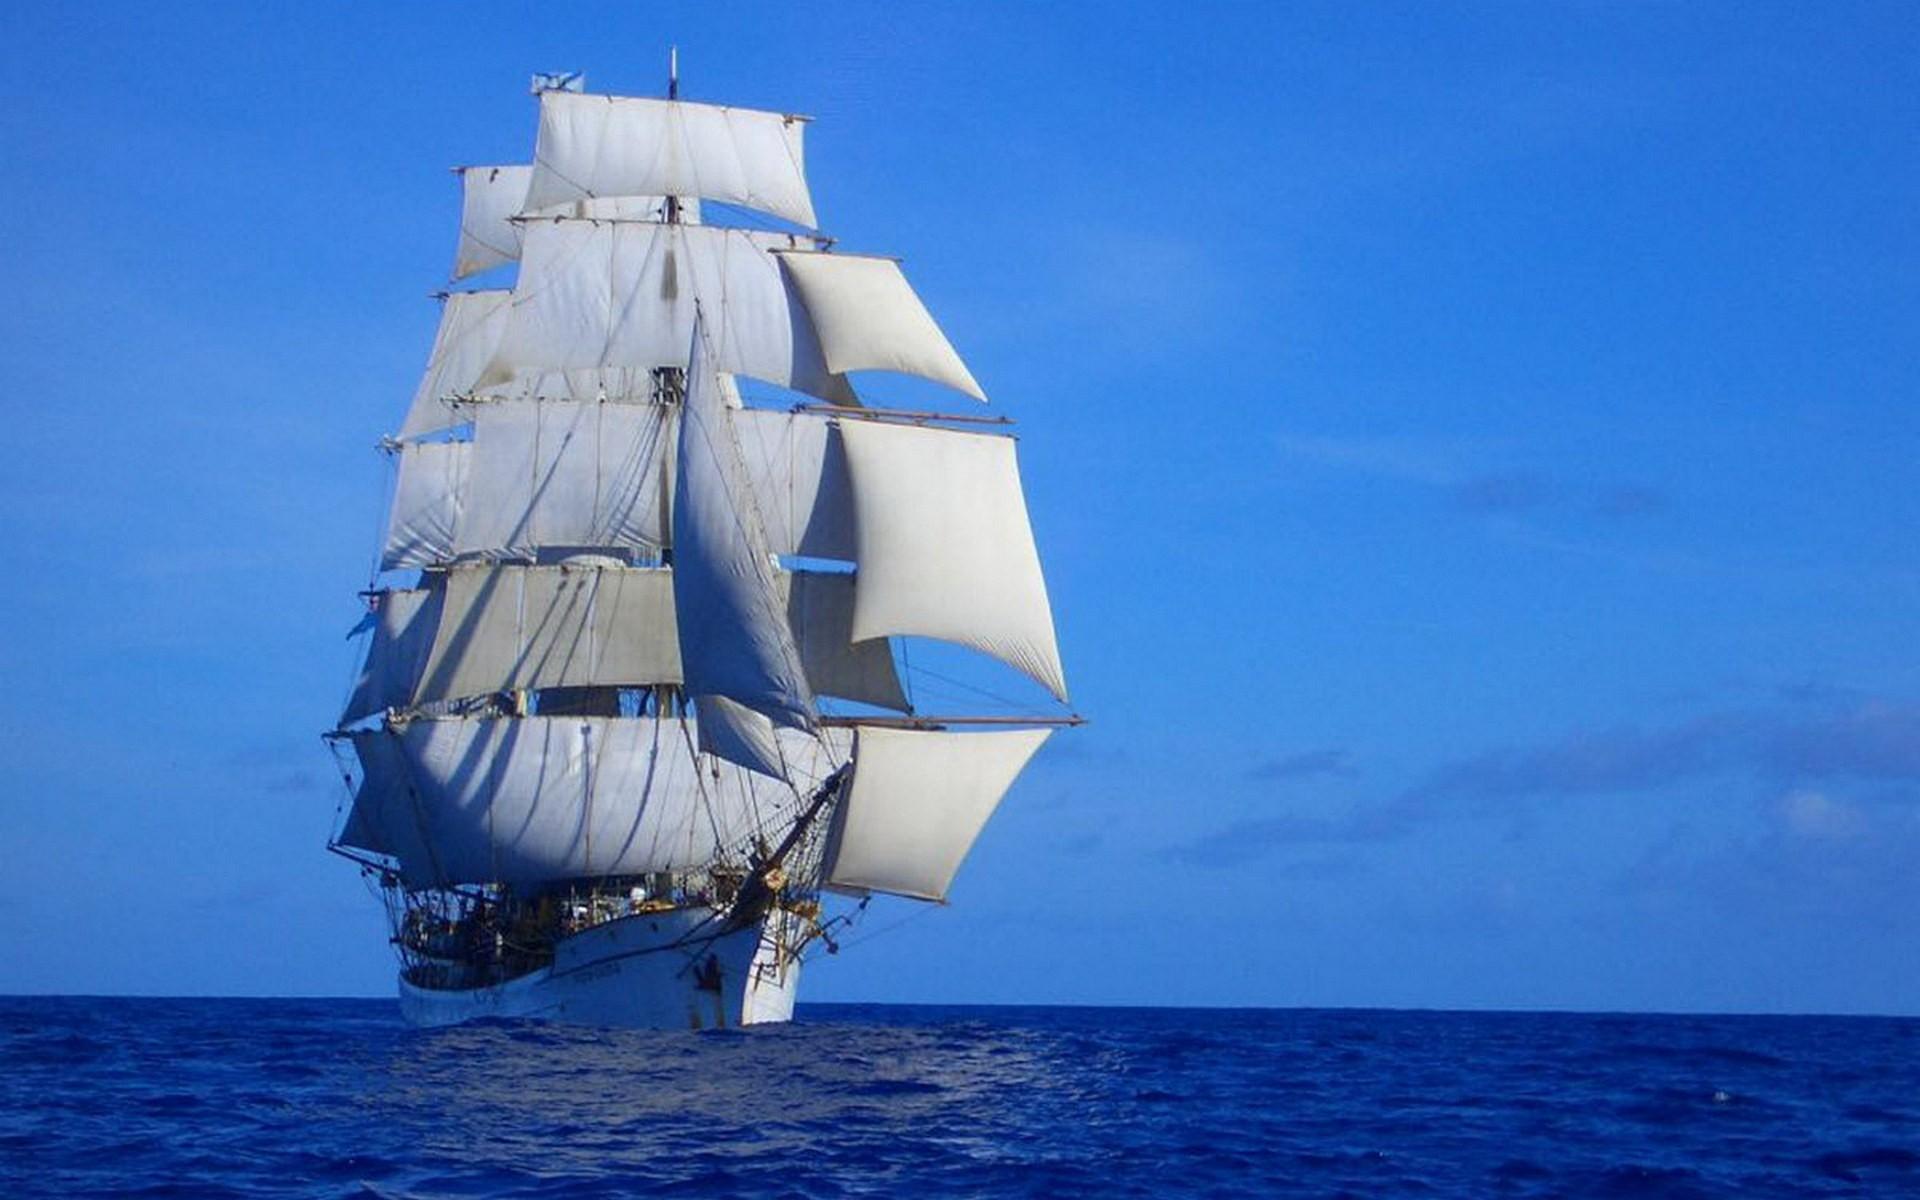 Res: 1920x1200, Sailing Ships Photo